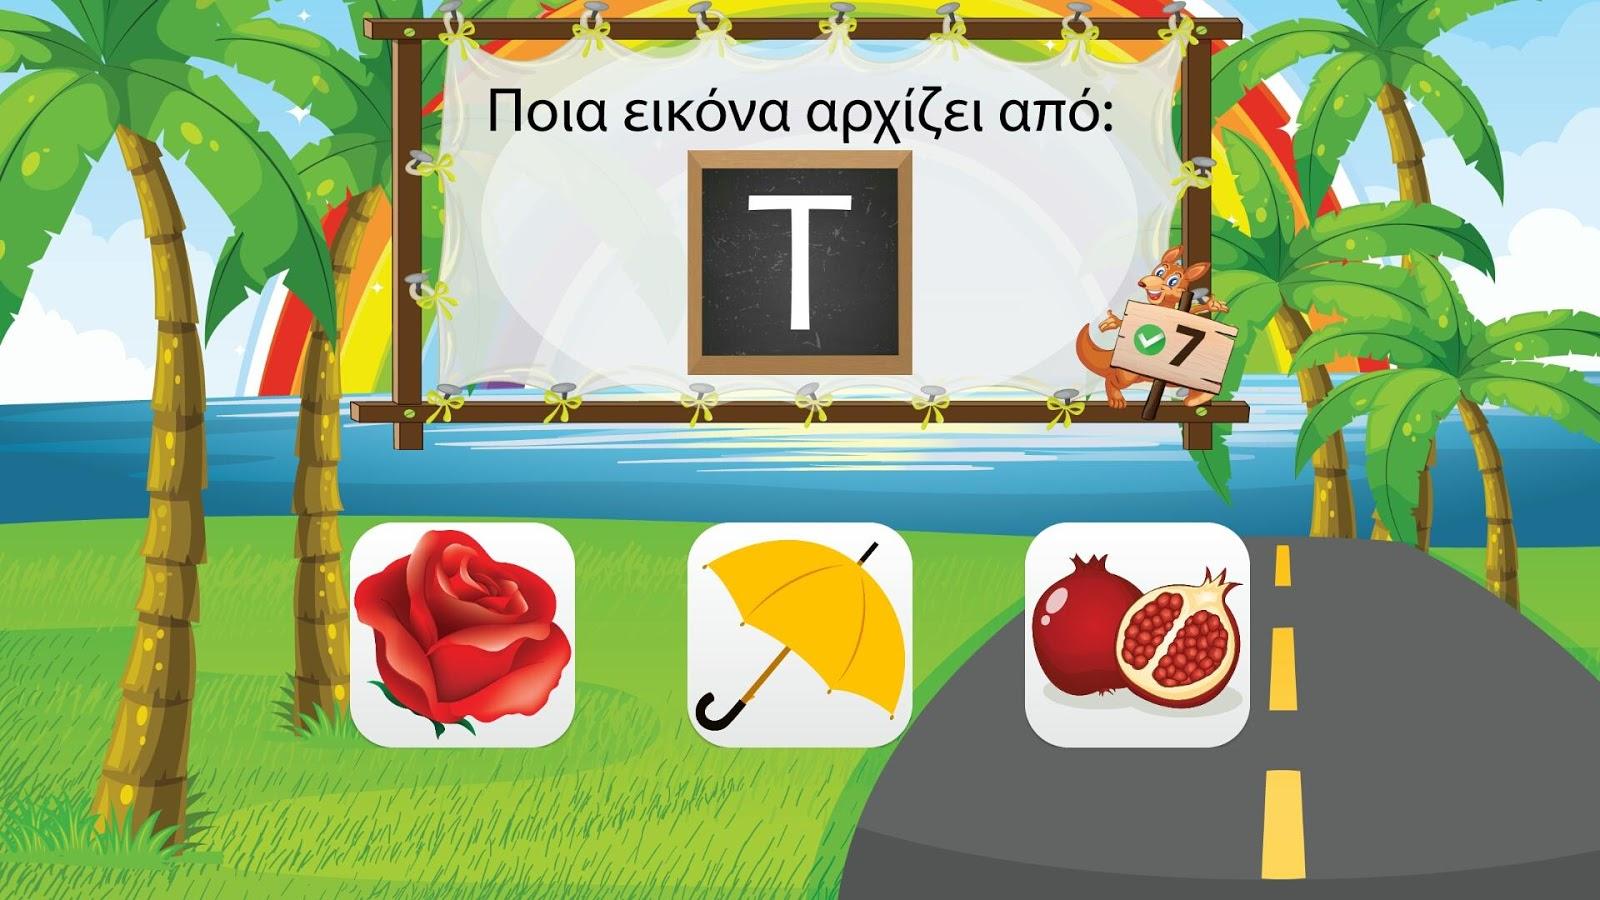 Μαθαίνω να διαβάζω - Γράμματα & Λέξεις - στιγμιότυπο οθόνης